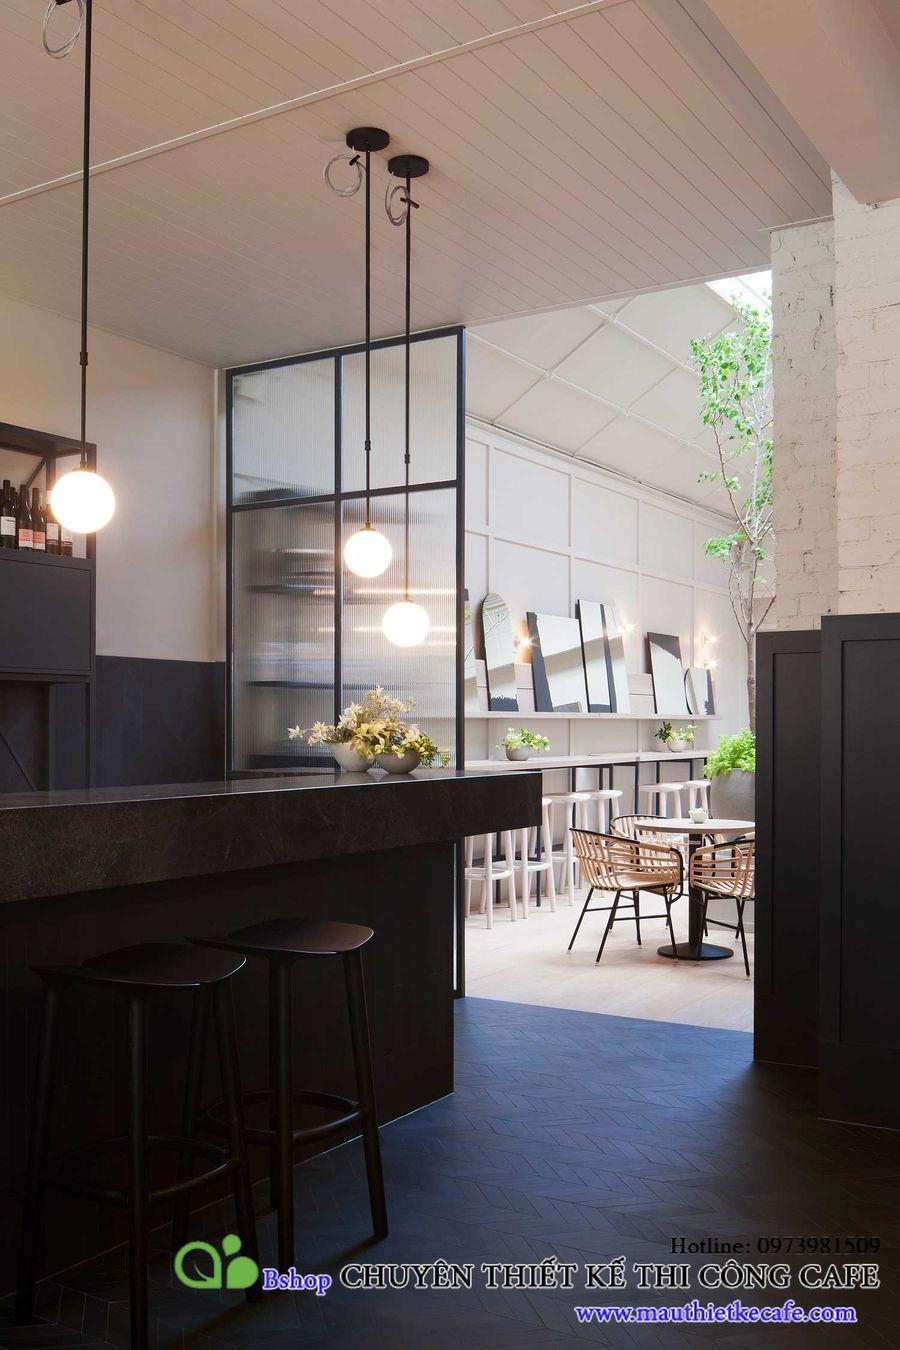 cafe bar danh cho teen (4)mauthietkecafe.com